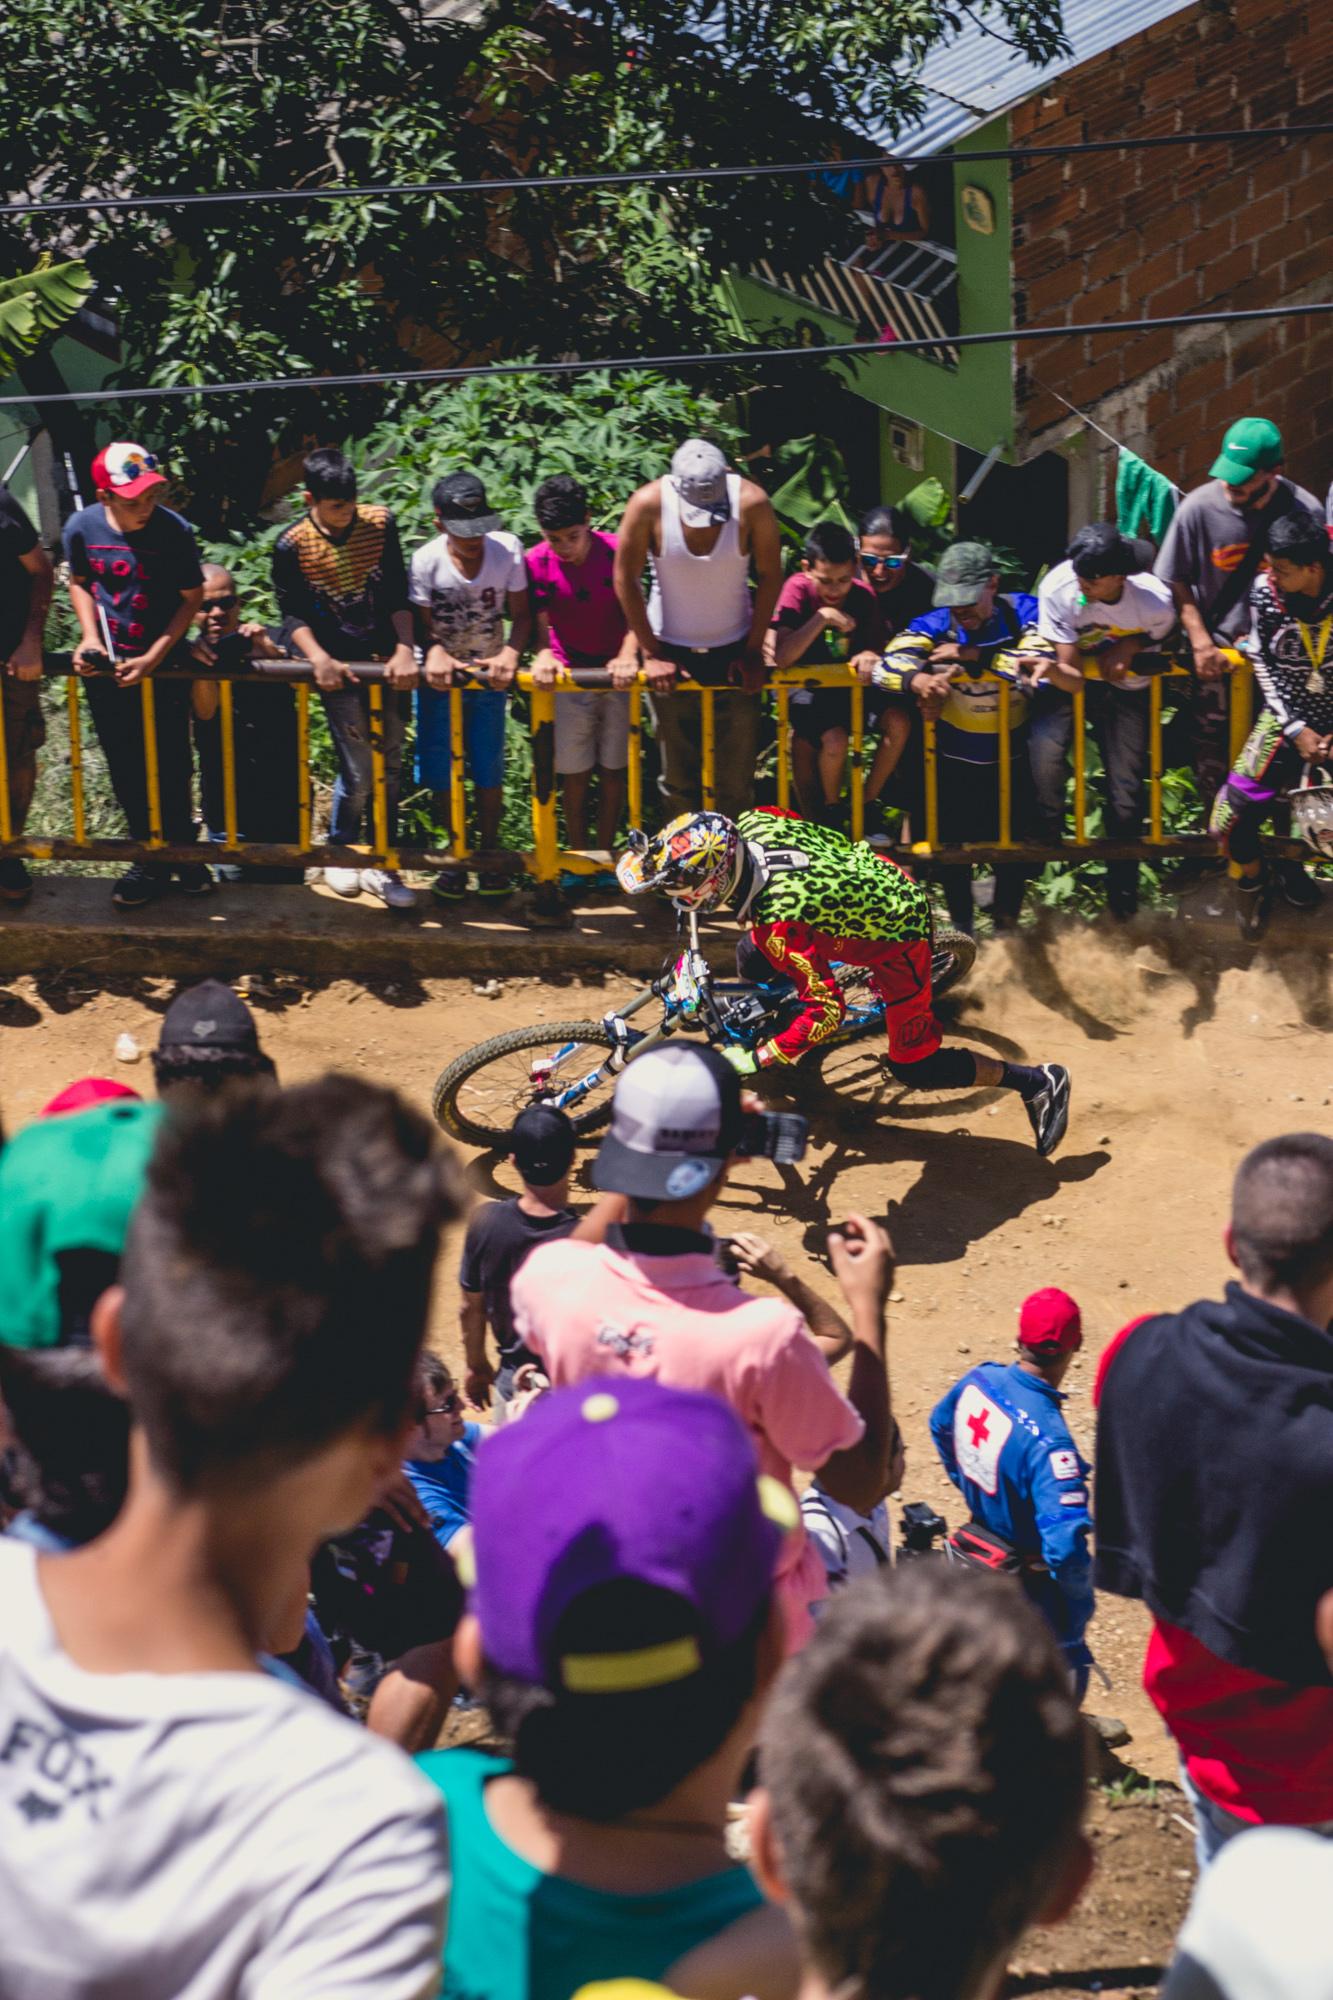 Daunjilero_Adrenalina_Urban_Felipe_Ceballos-4